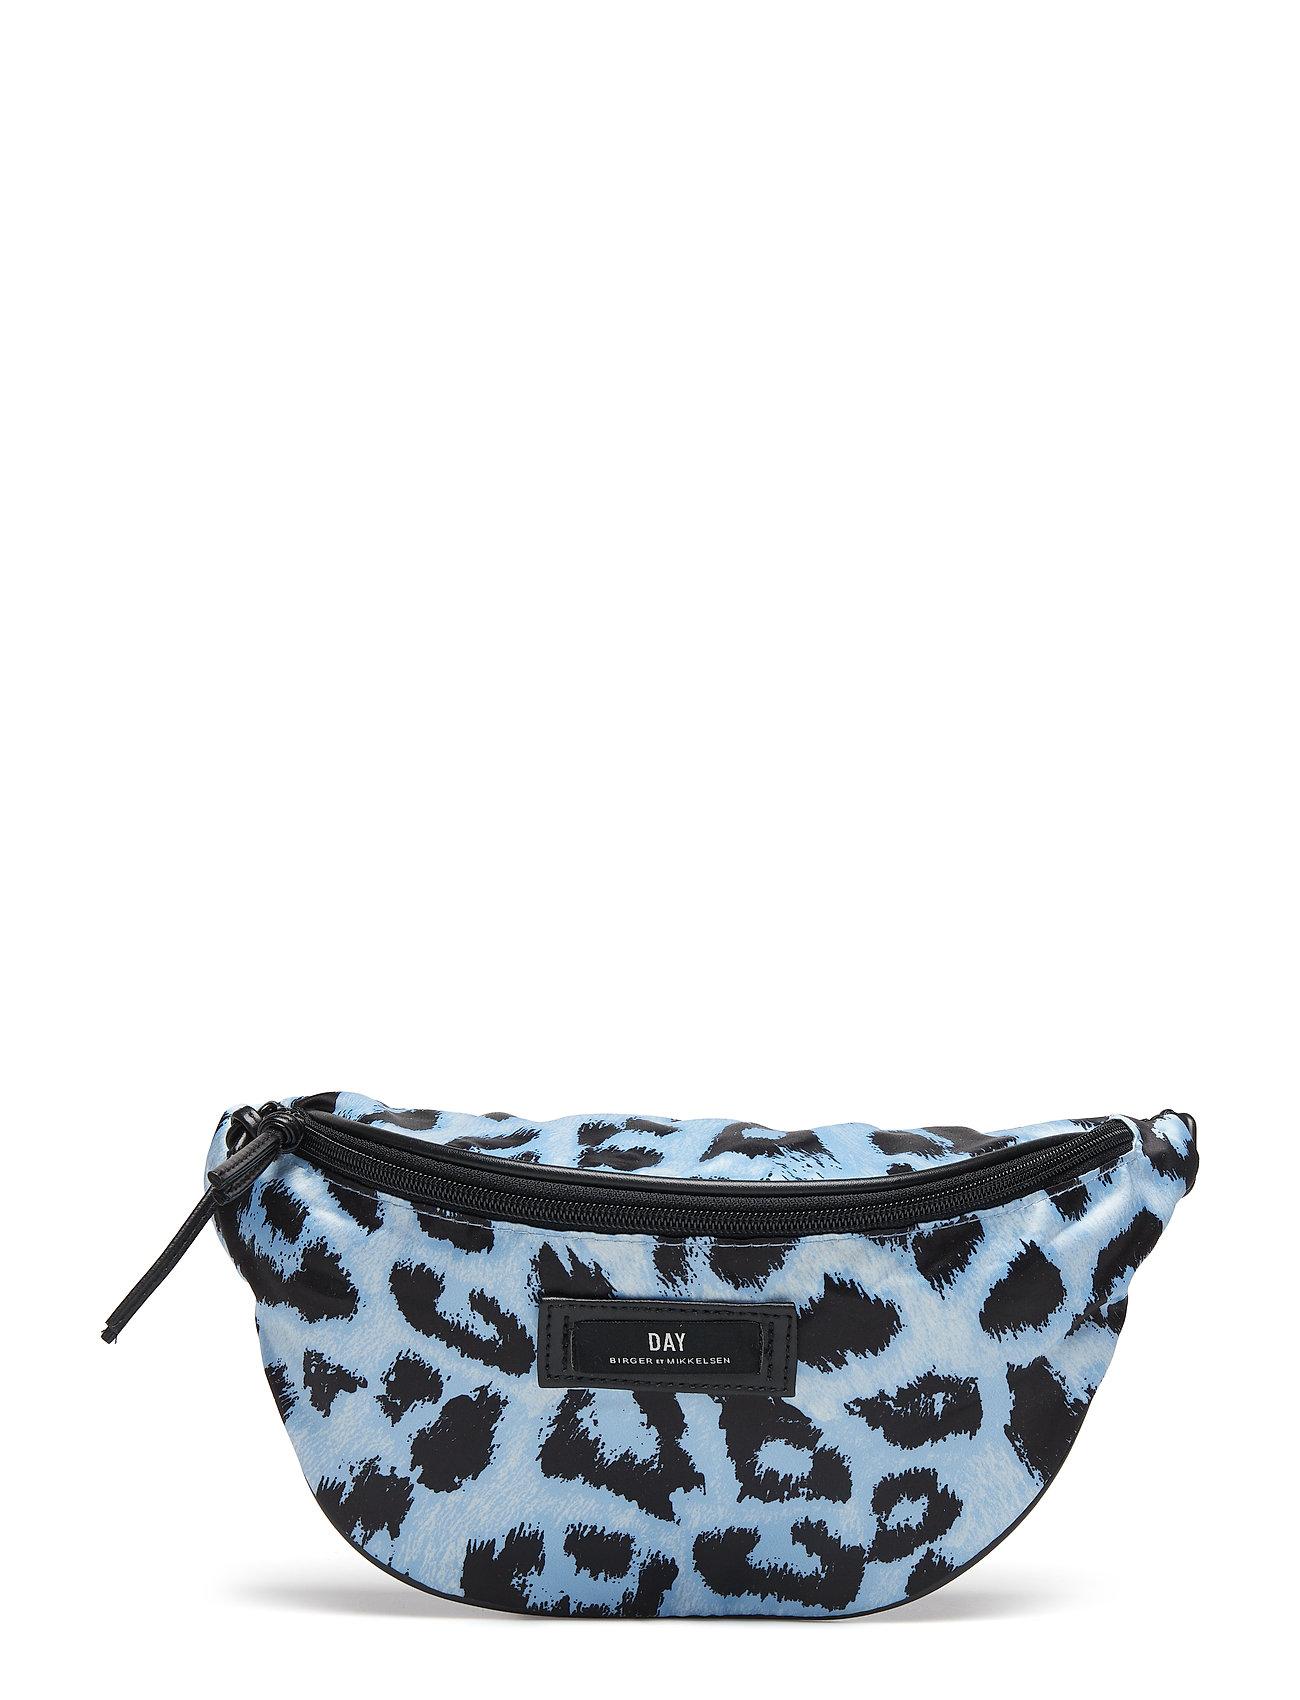 DAY et Day Gweneth P Blue Leo Bum Bag